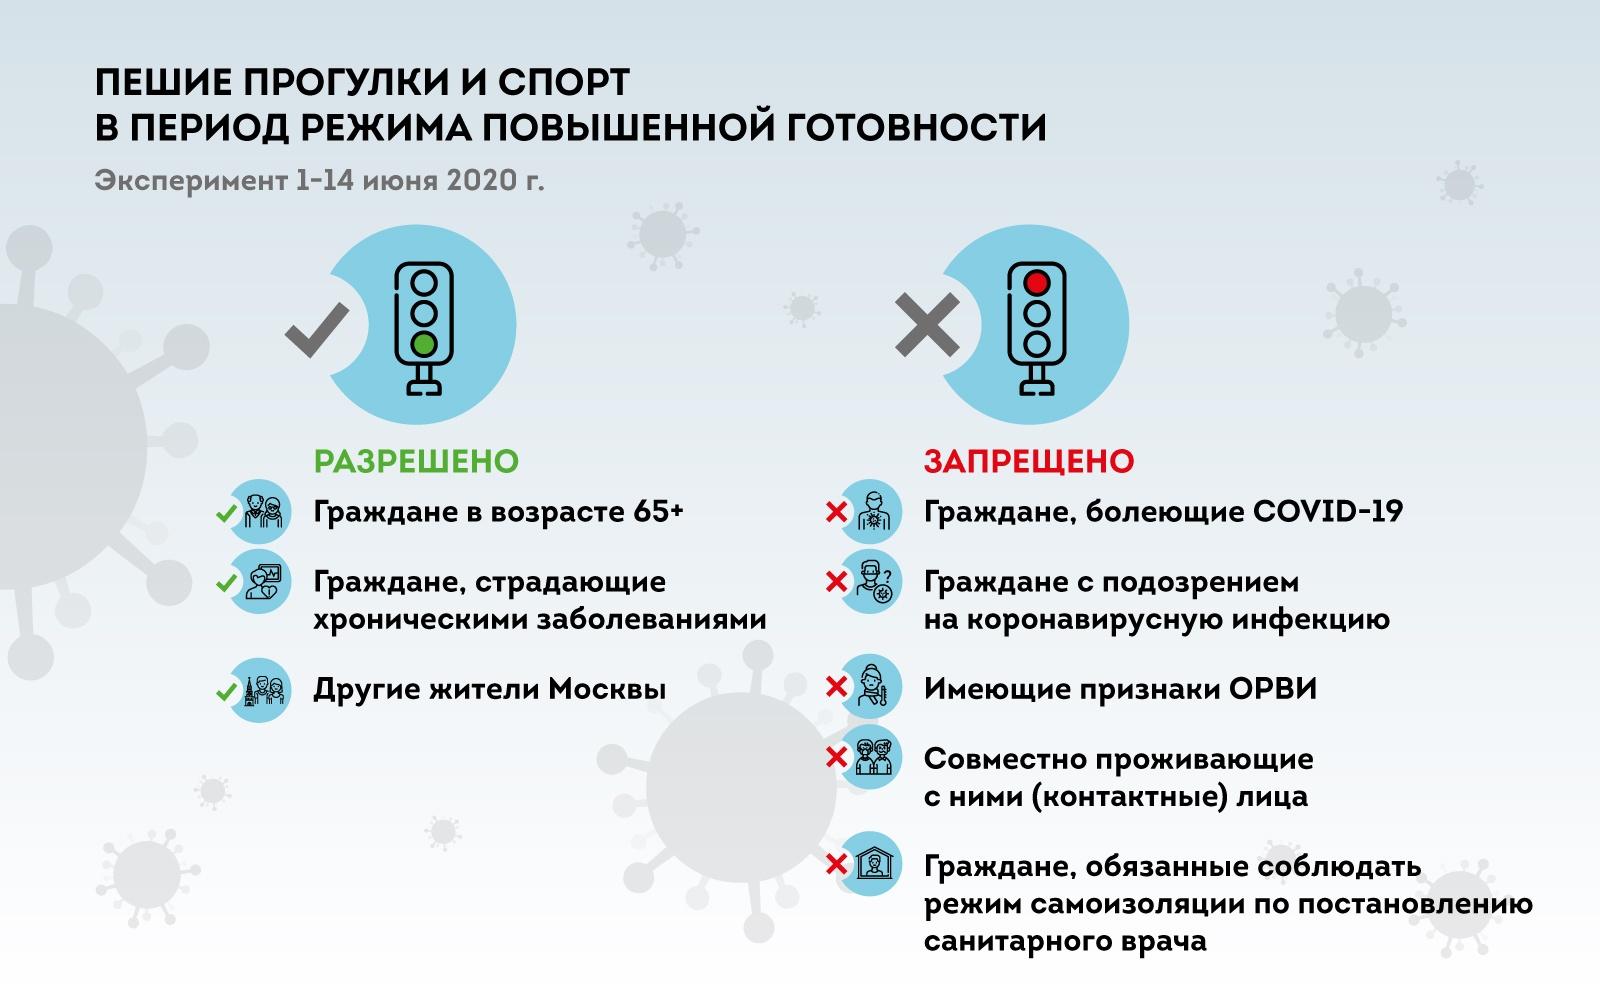 Прогулки с 1 июня в РФ